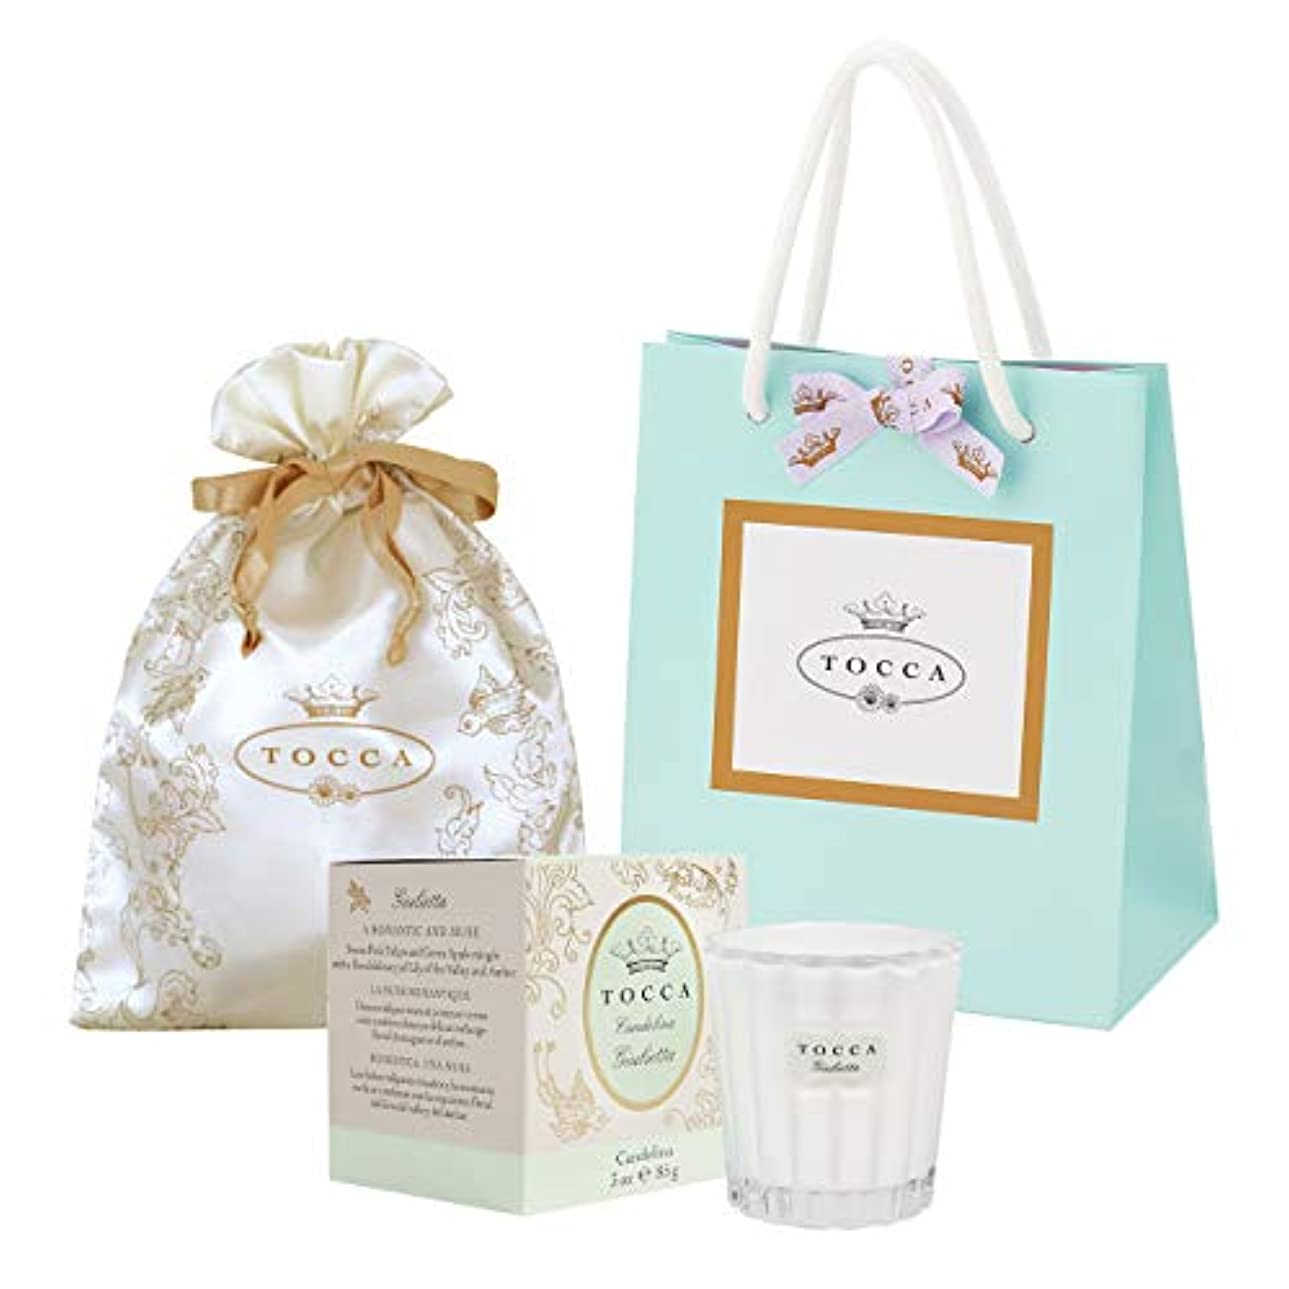 別々にアクセストレーストッカ(TOCCA) キャンデリーナ ジュリエッタの香り 約85g 巾着&ショッパー付 (キャンドル ろうそく ギフト 手提袋付 爽やかで甘い香り)